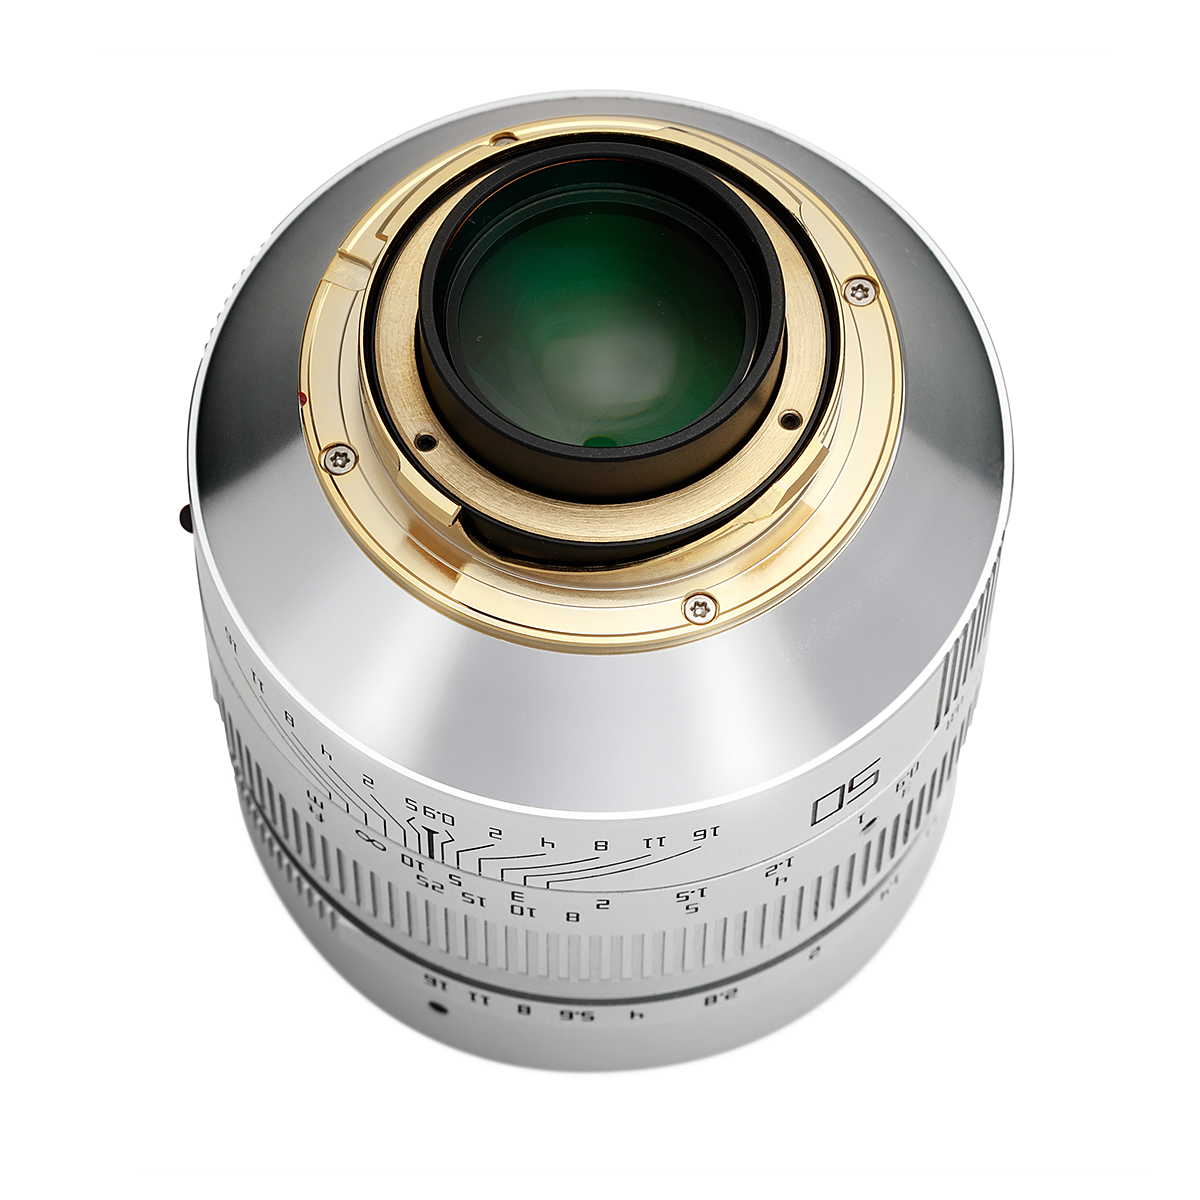 【限定モデル】銘匠光学 TTArtisan 50mm f/0.95 ASPH 単焦点レンズ ステンレスシルバー ライカMマウント